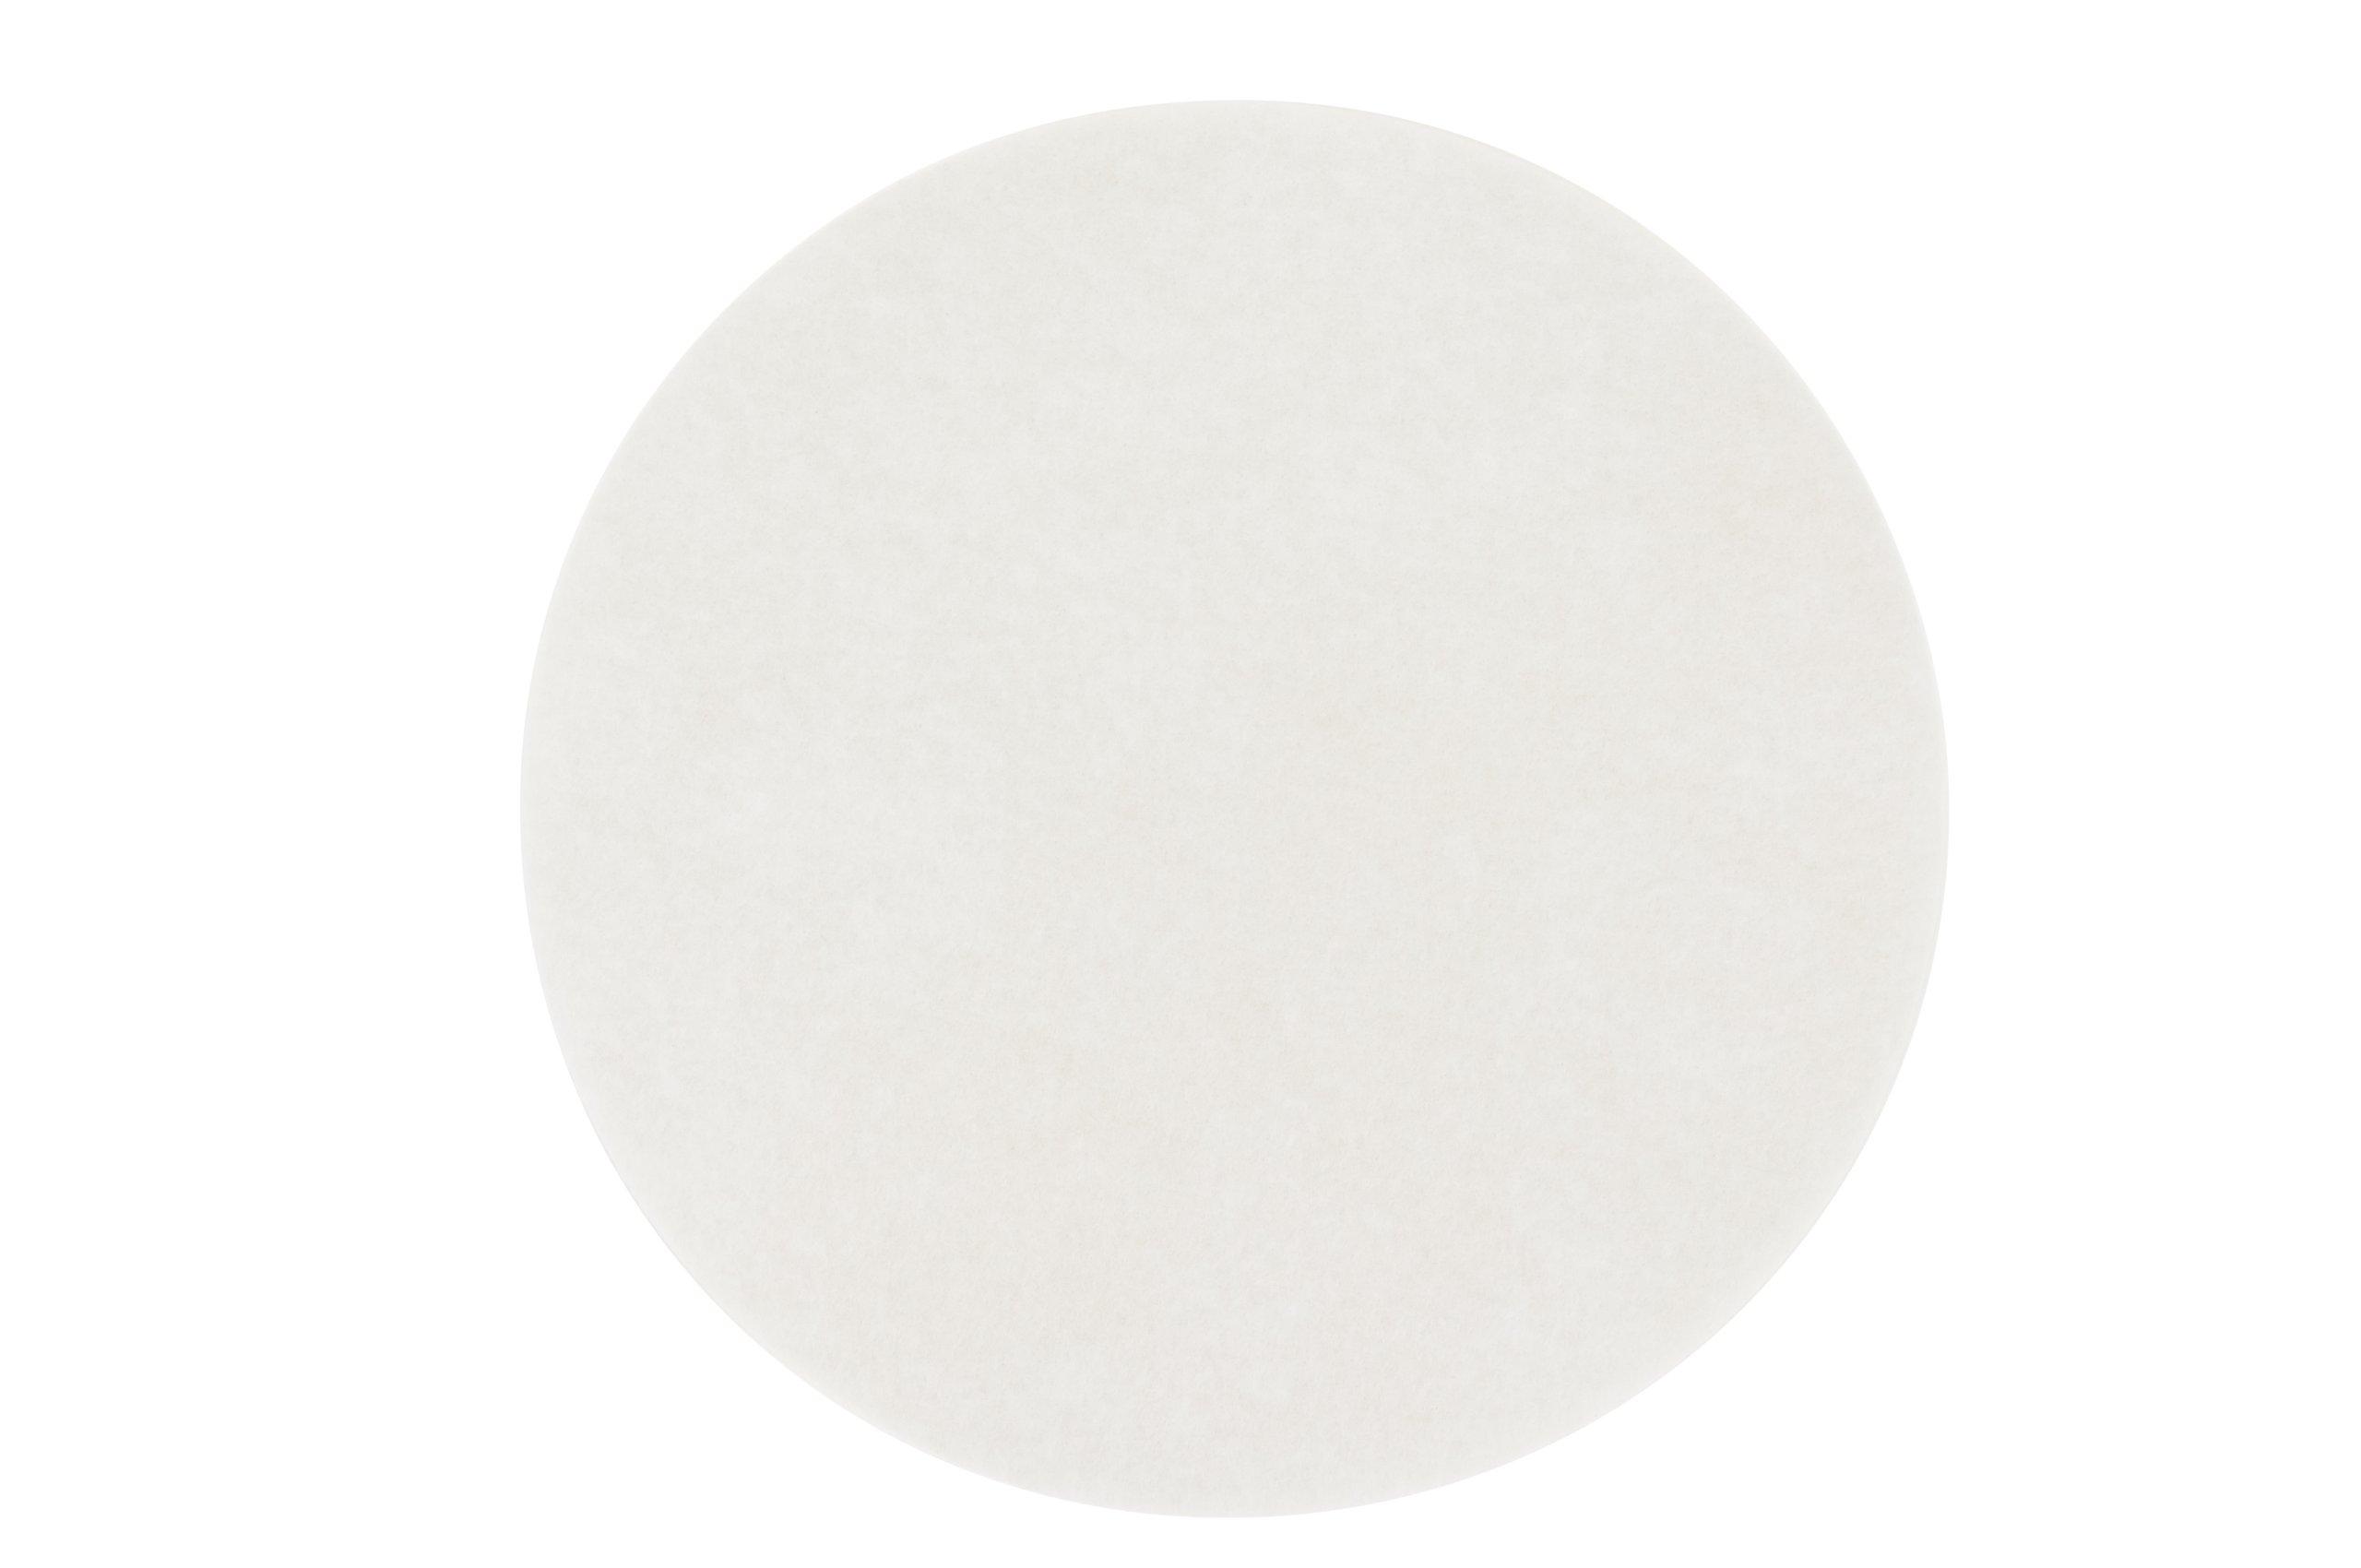 3M 8611 Carpet Bonnet Pad, 16'', White (Case of 5)